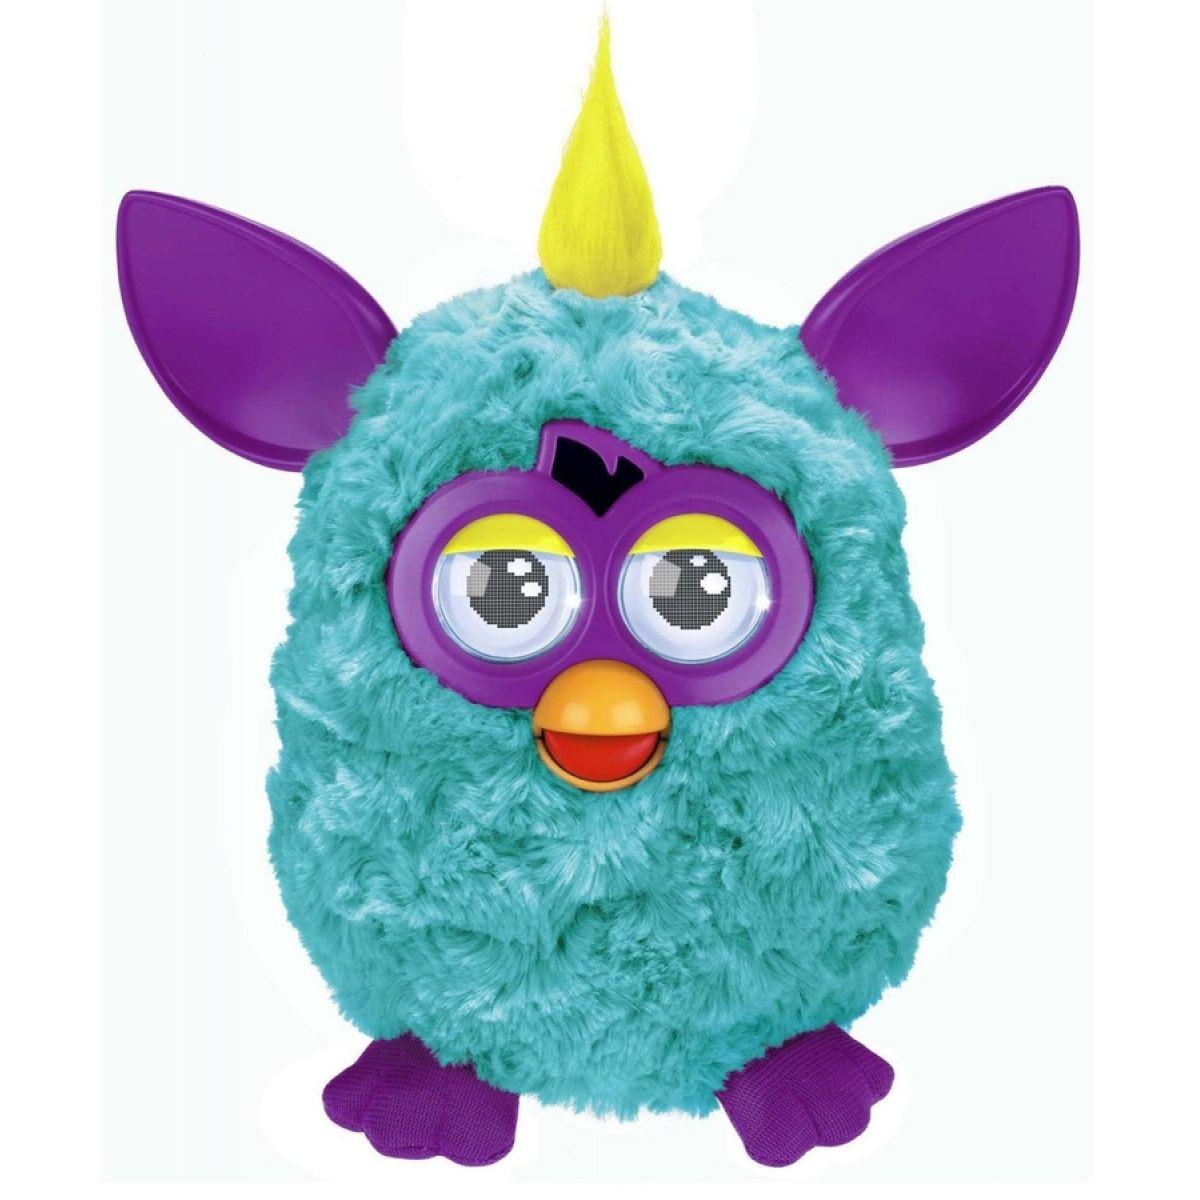 Furby Cool - A3124 Tyrkysový-fialové uši